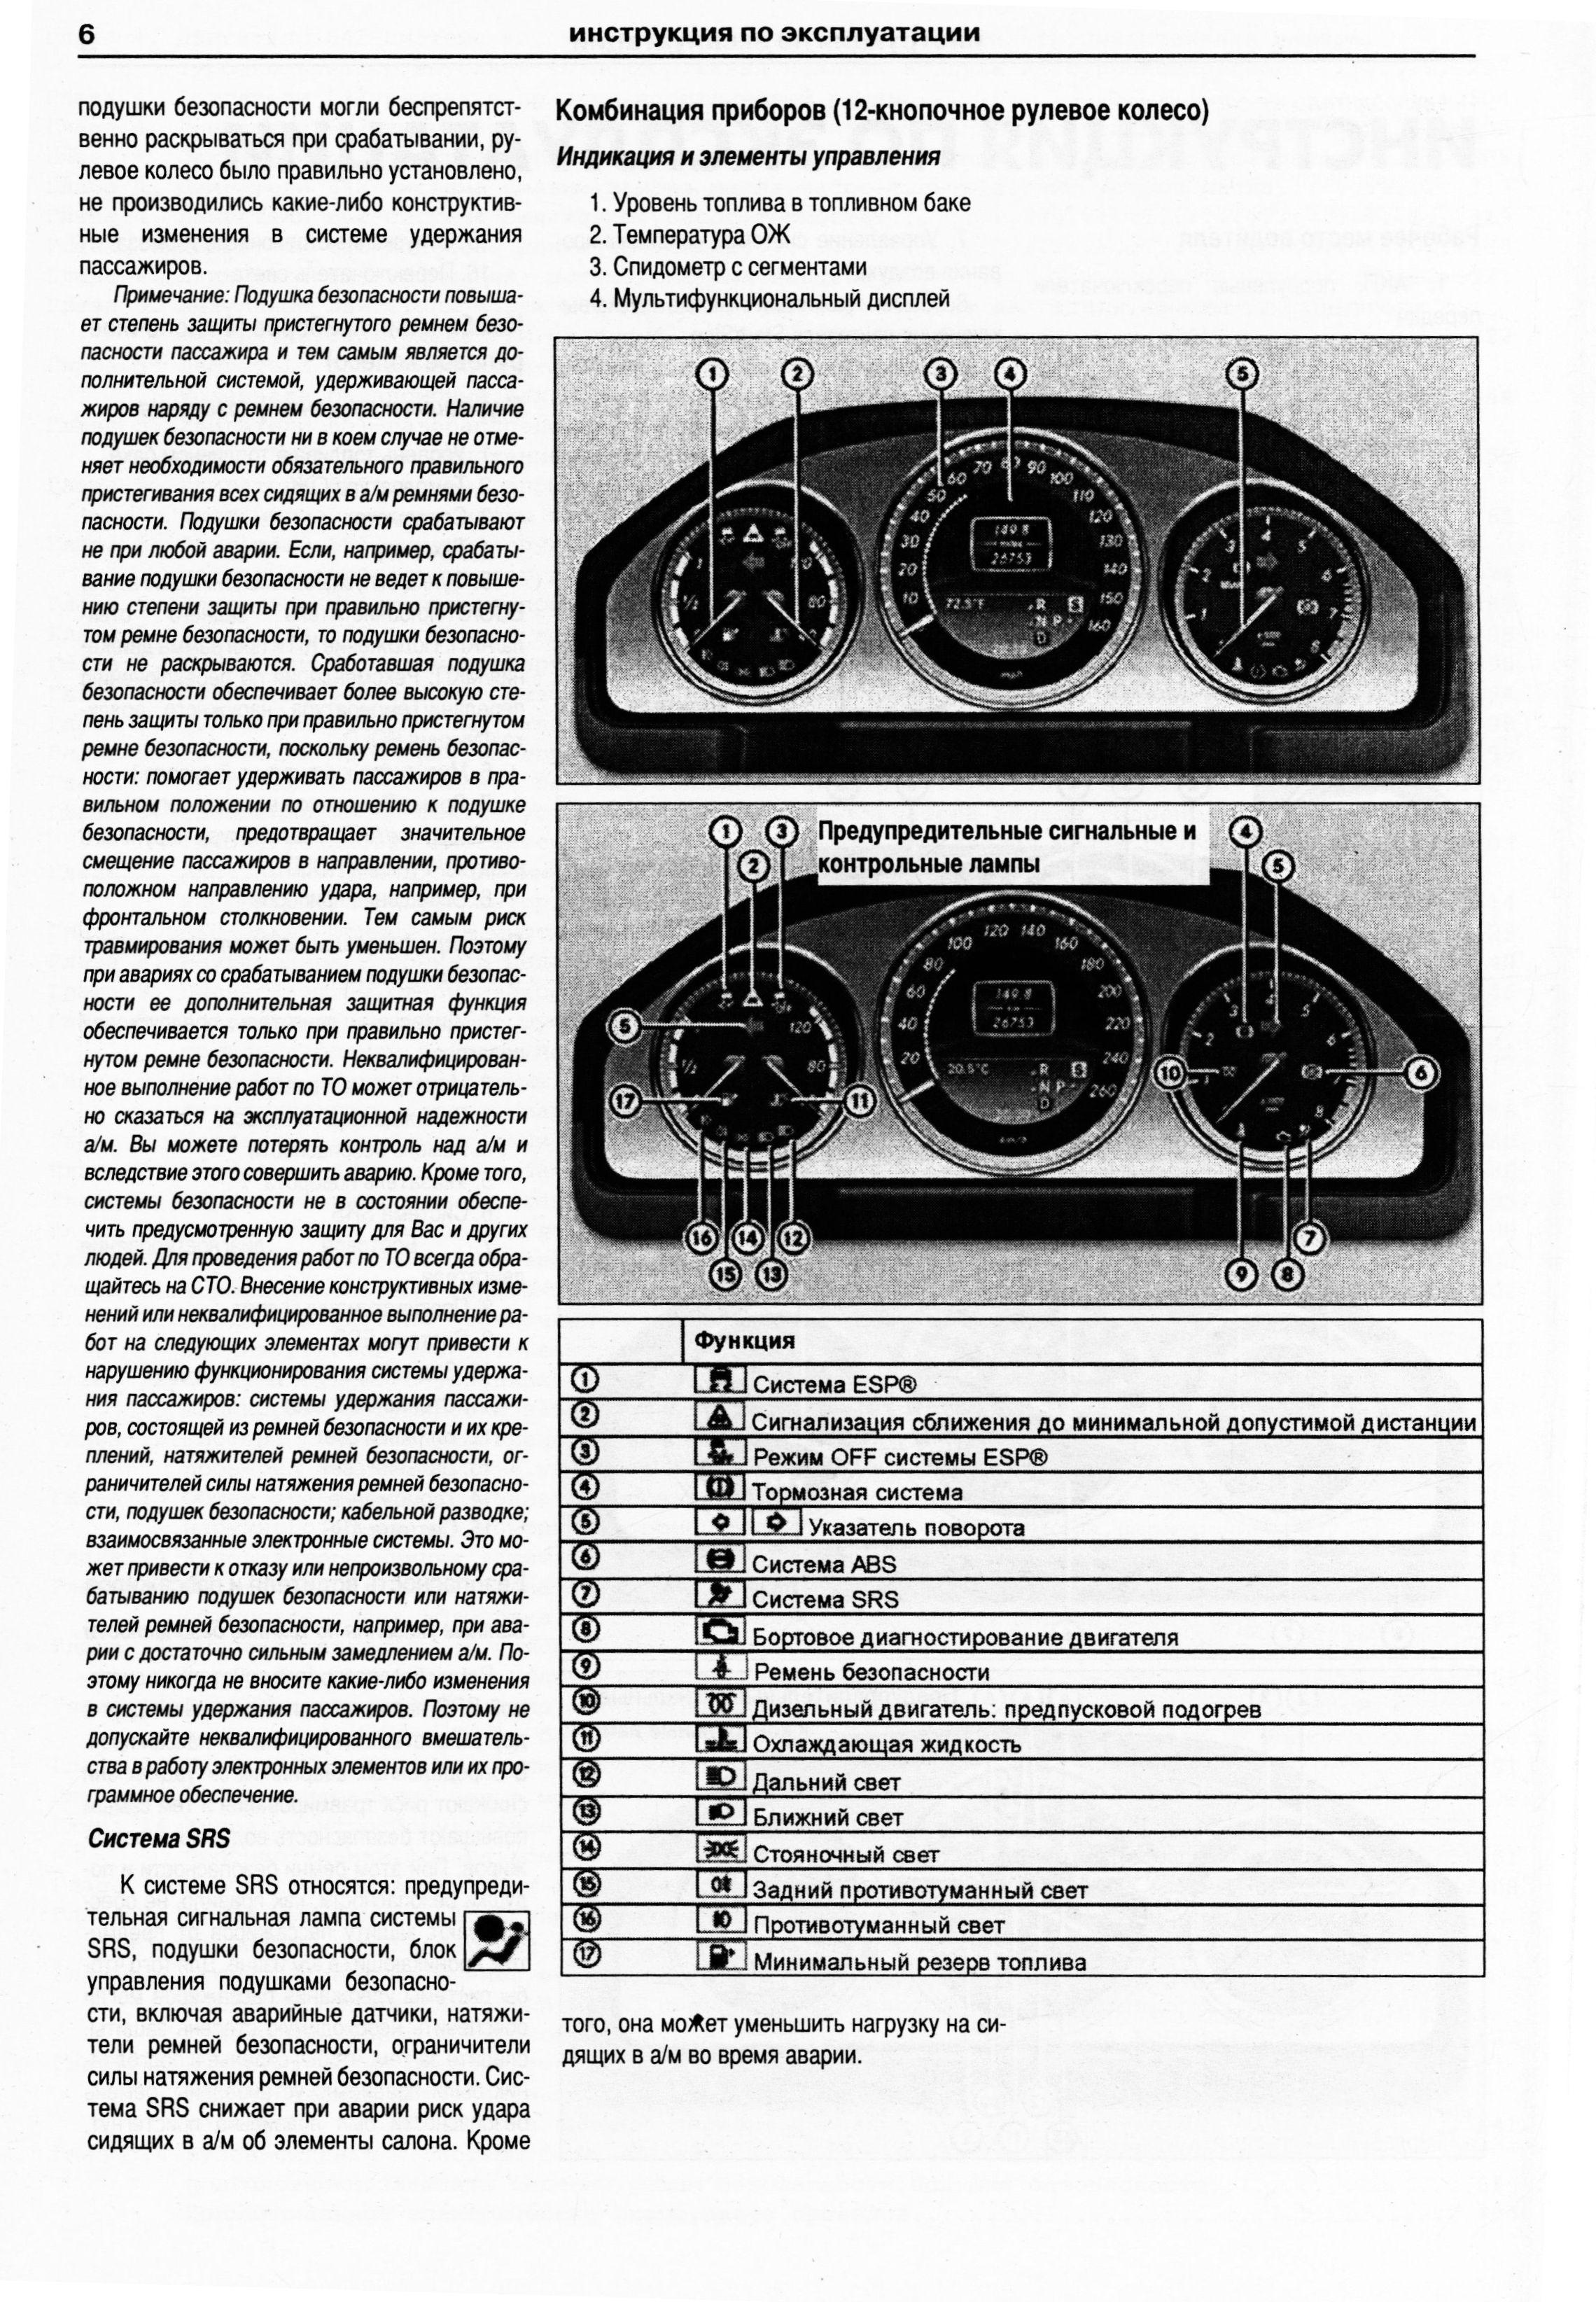 инструкция к мерседес glk 300